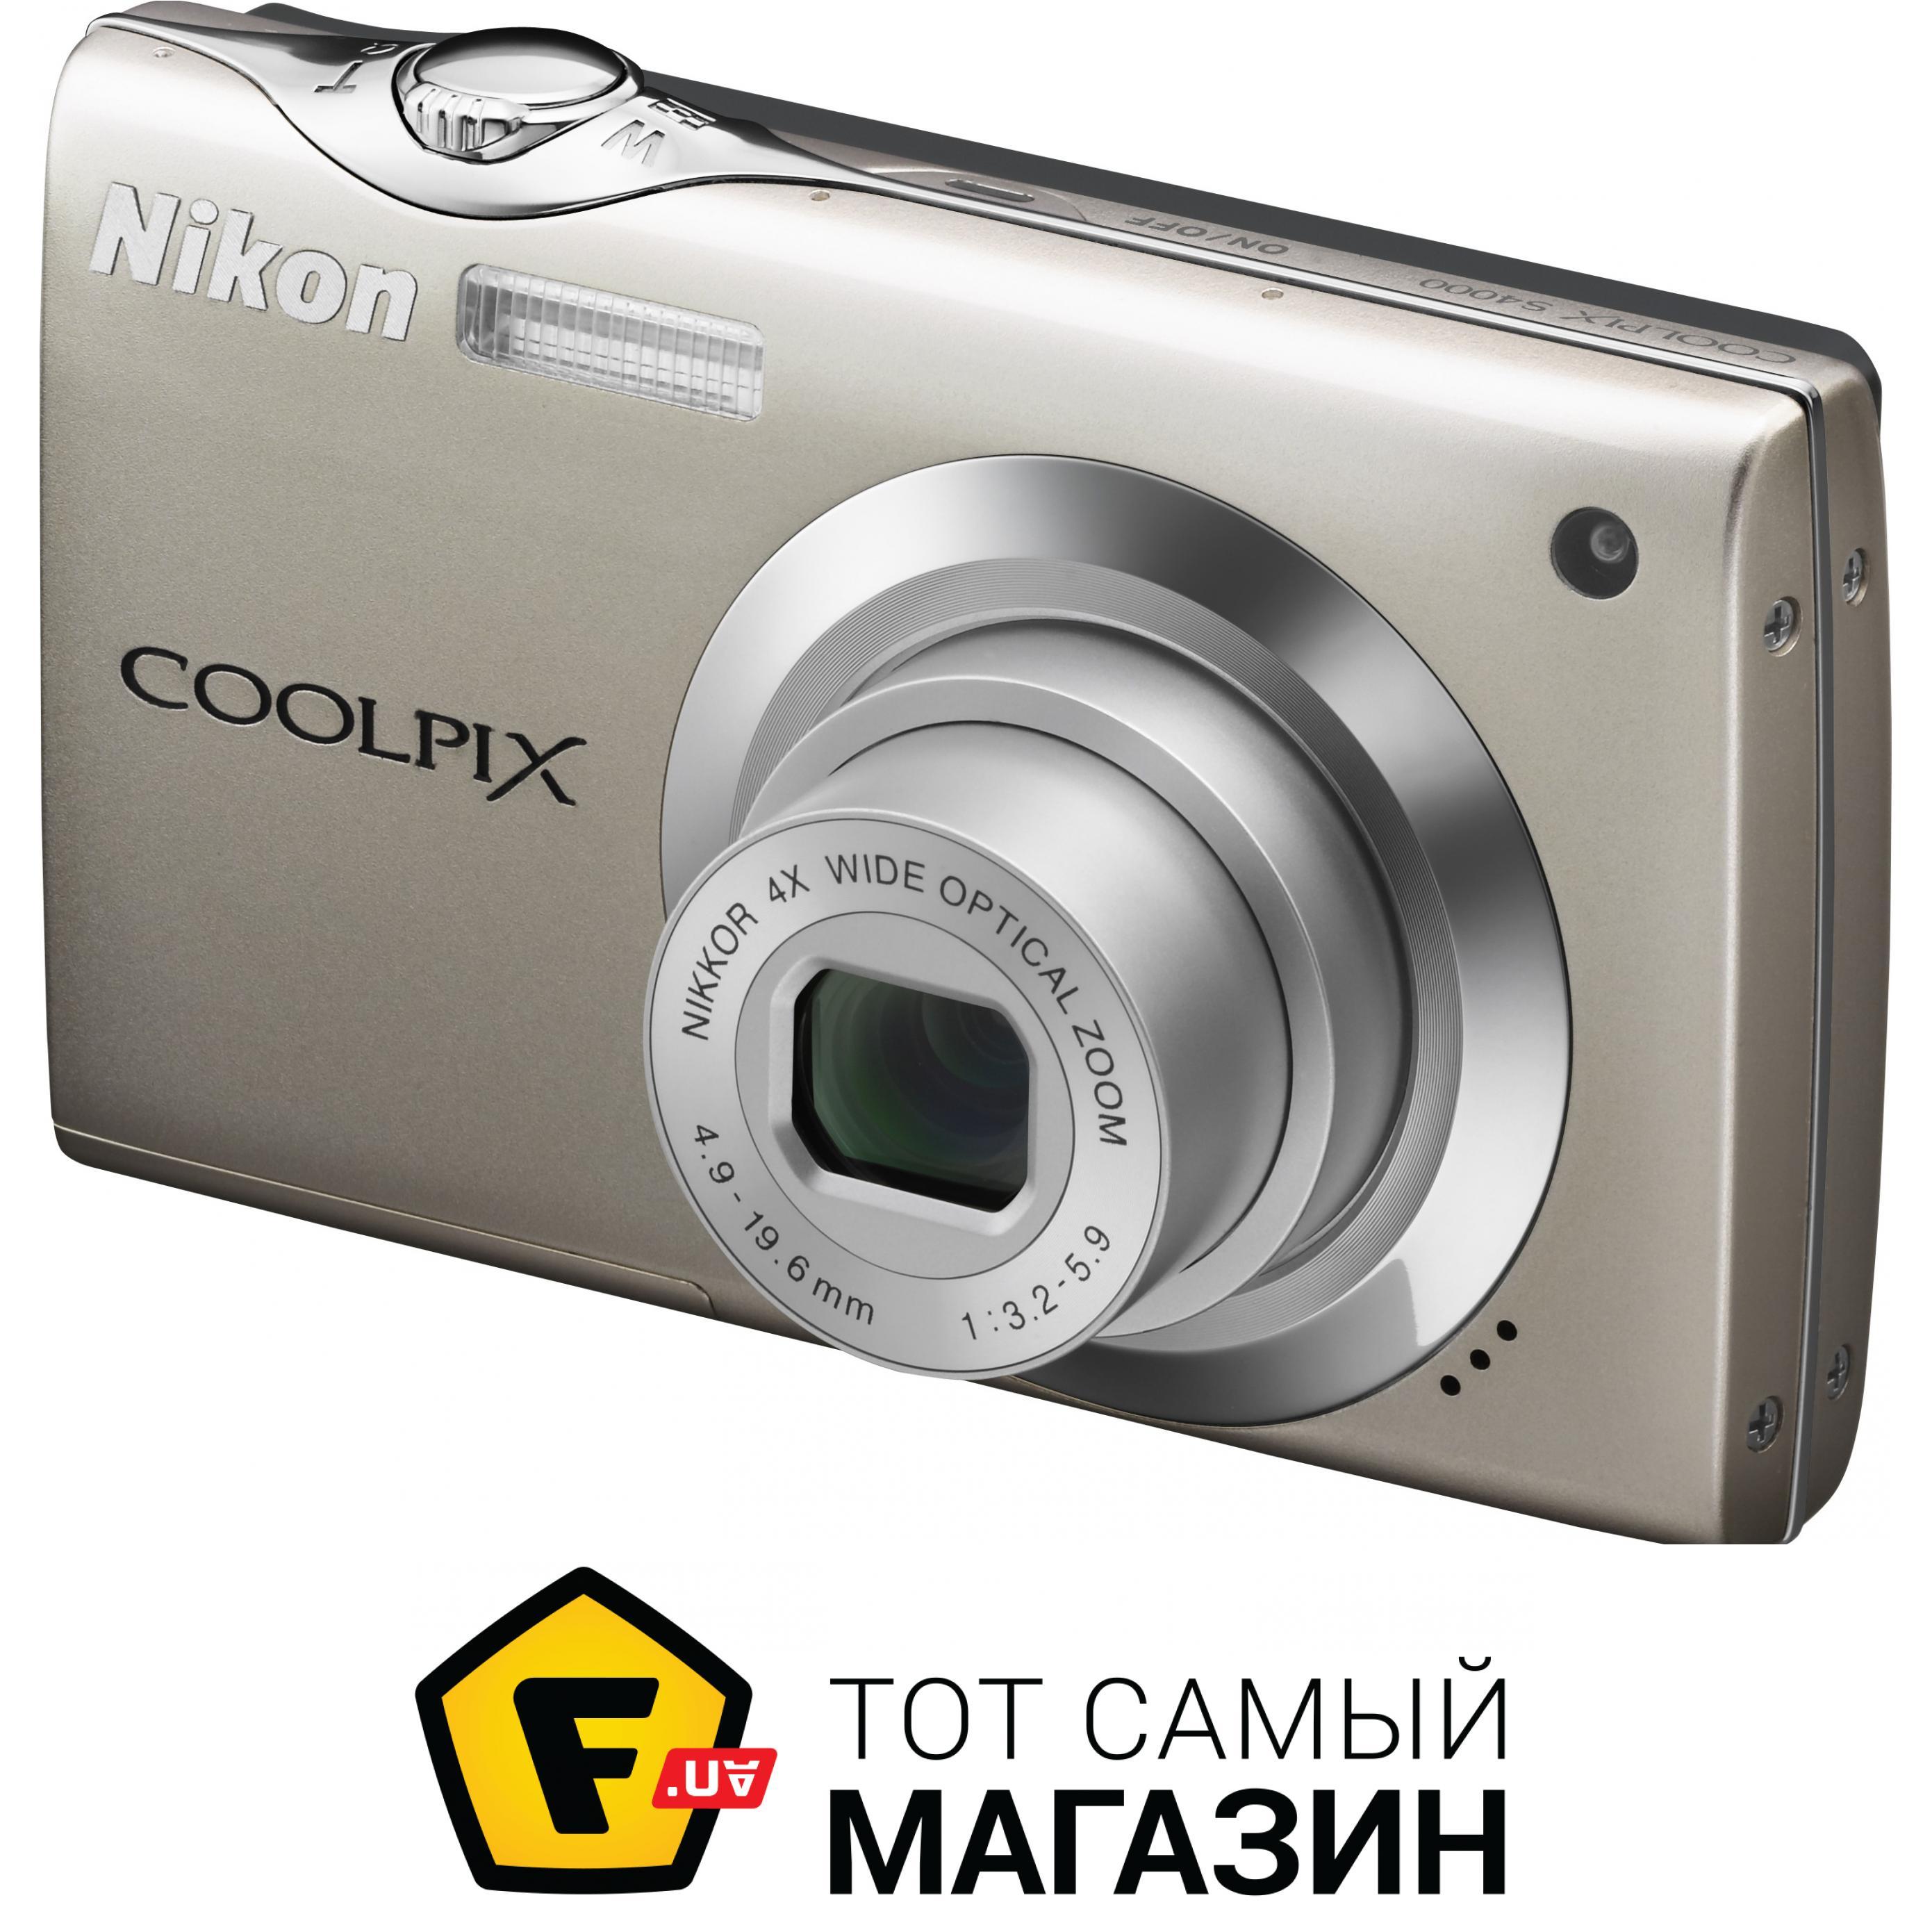 общайтесь цифровой фотоаппарат свойства и функции группа ищет массовку